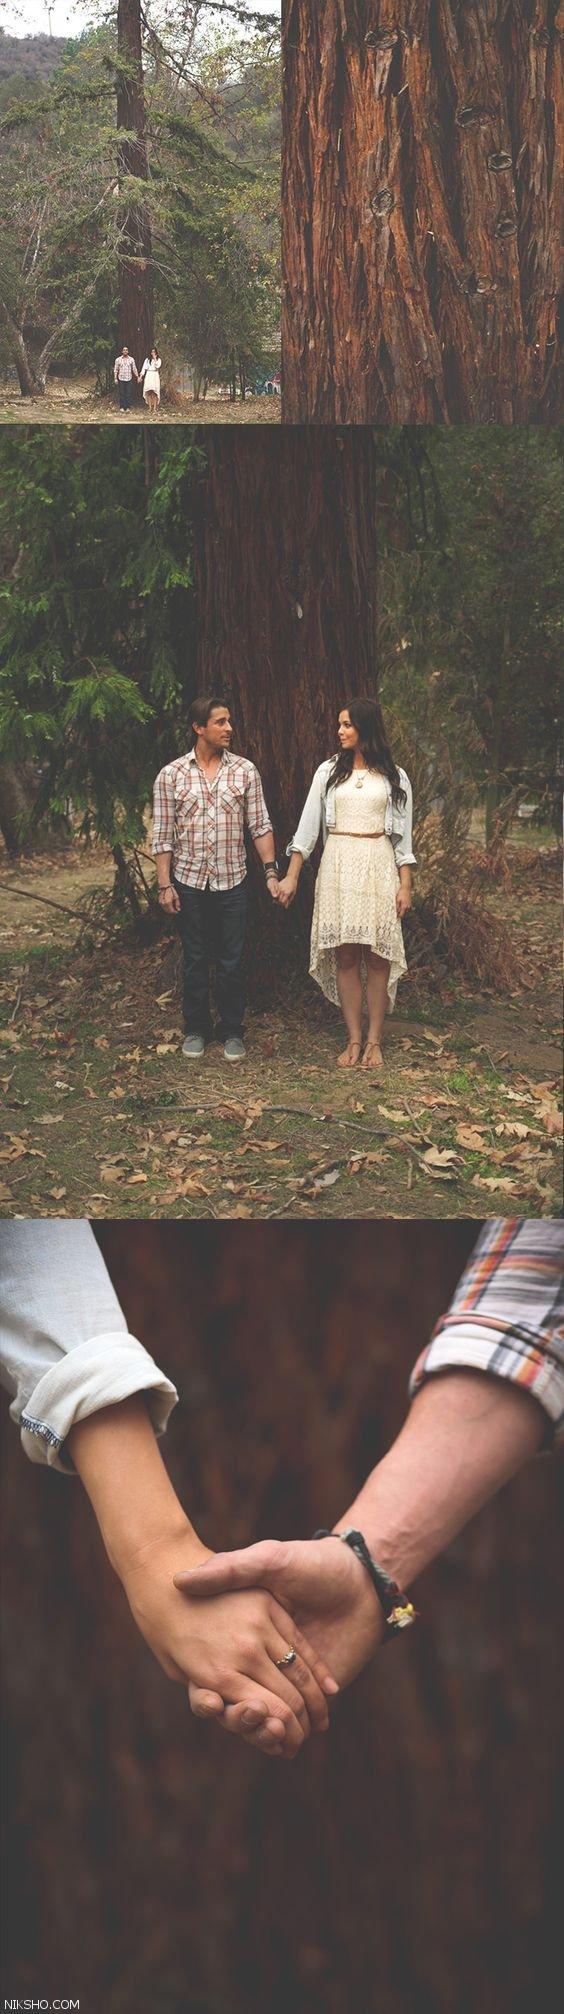 عکس های عاشقانه دونفره خفن تاپ و احساسی (16)